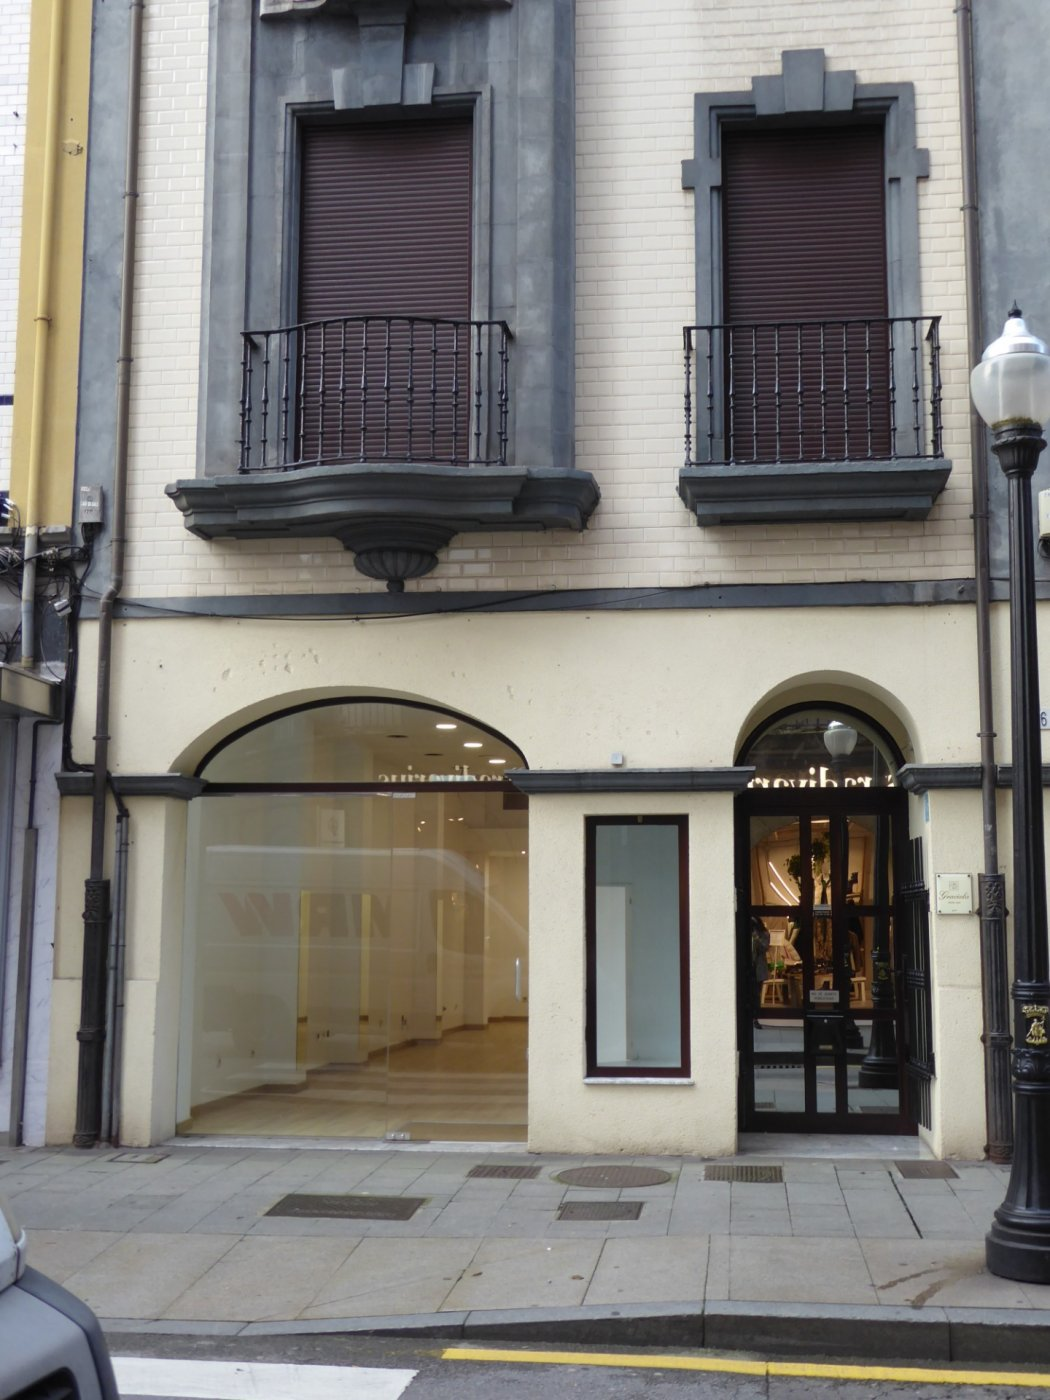 Local muy comercial pleno centro de gijón - imagenInmueble0